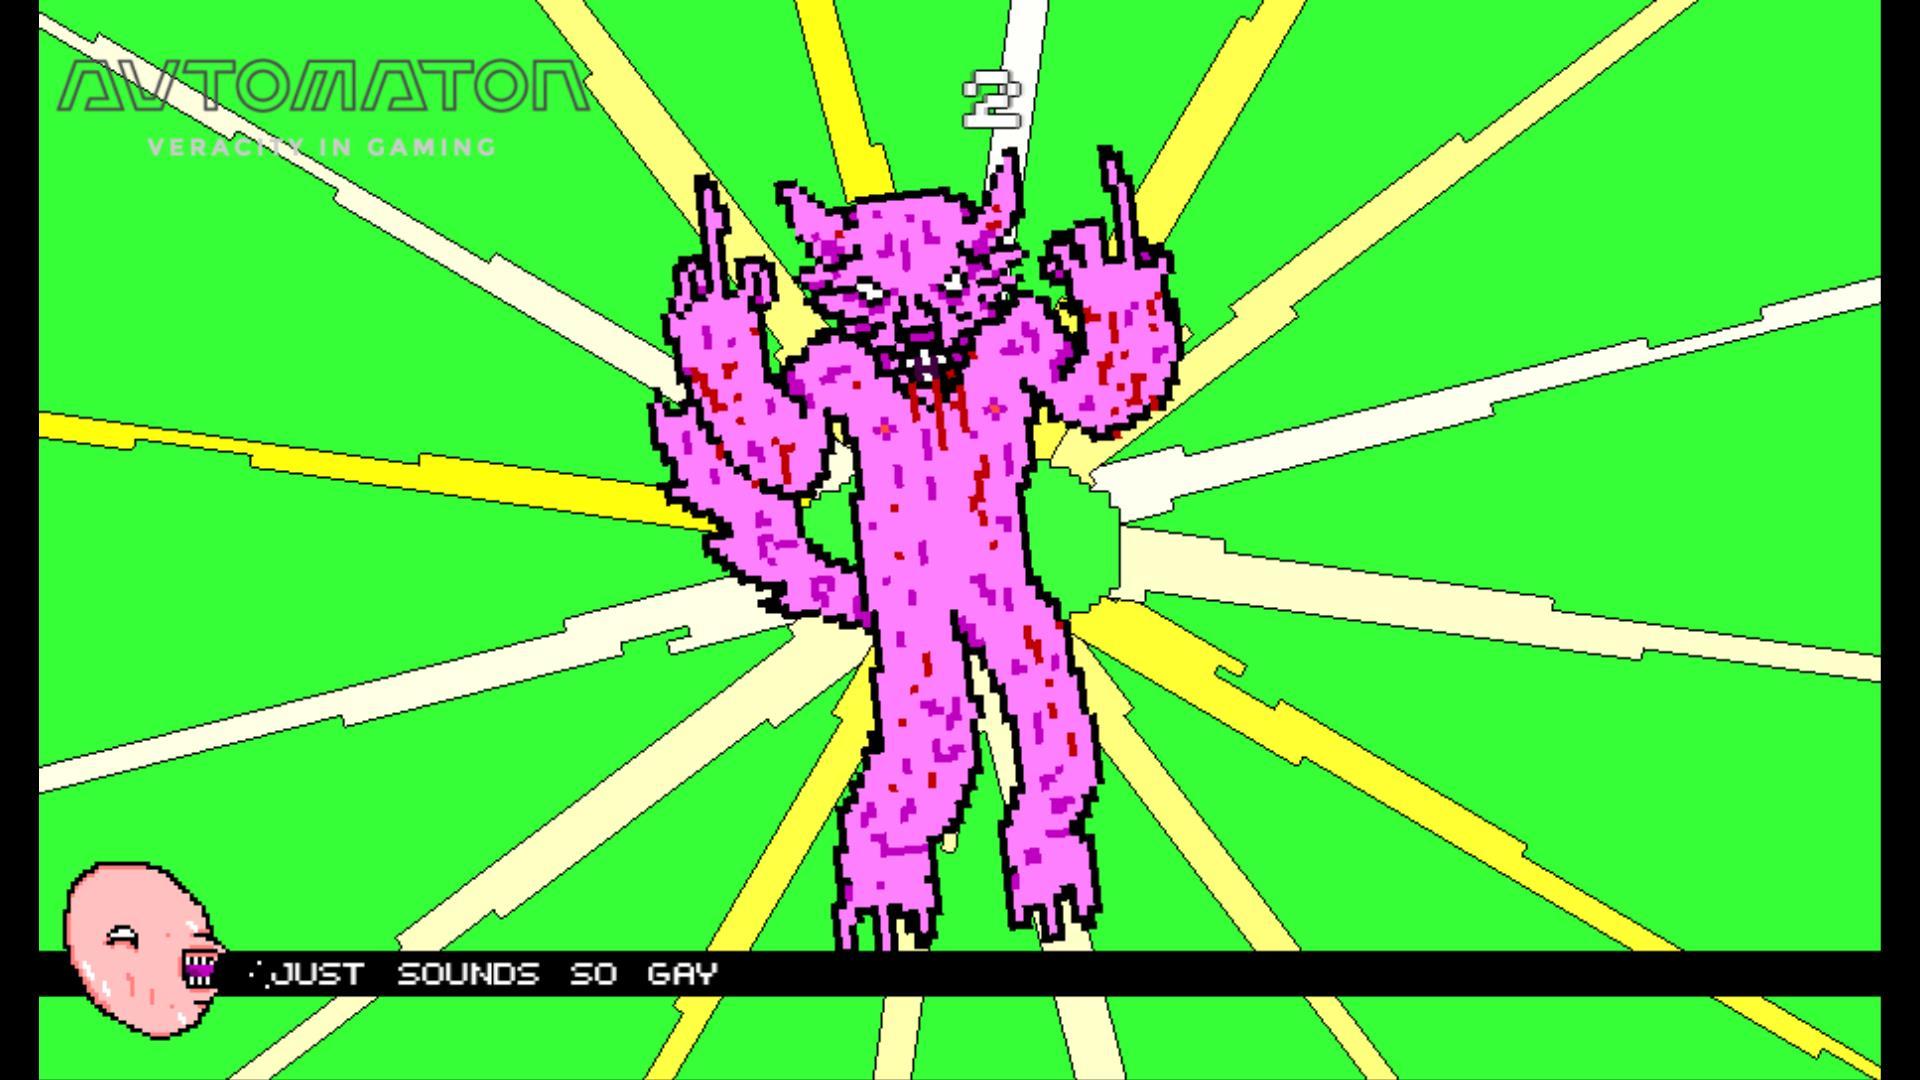 Dennis Wedinとのコラボレーションのきっかけとなった『Keyboard Drumset Fucking Werewolf』。 音楽に合わせてミニゲームをクリアしていく。